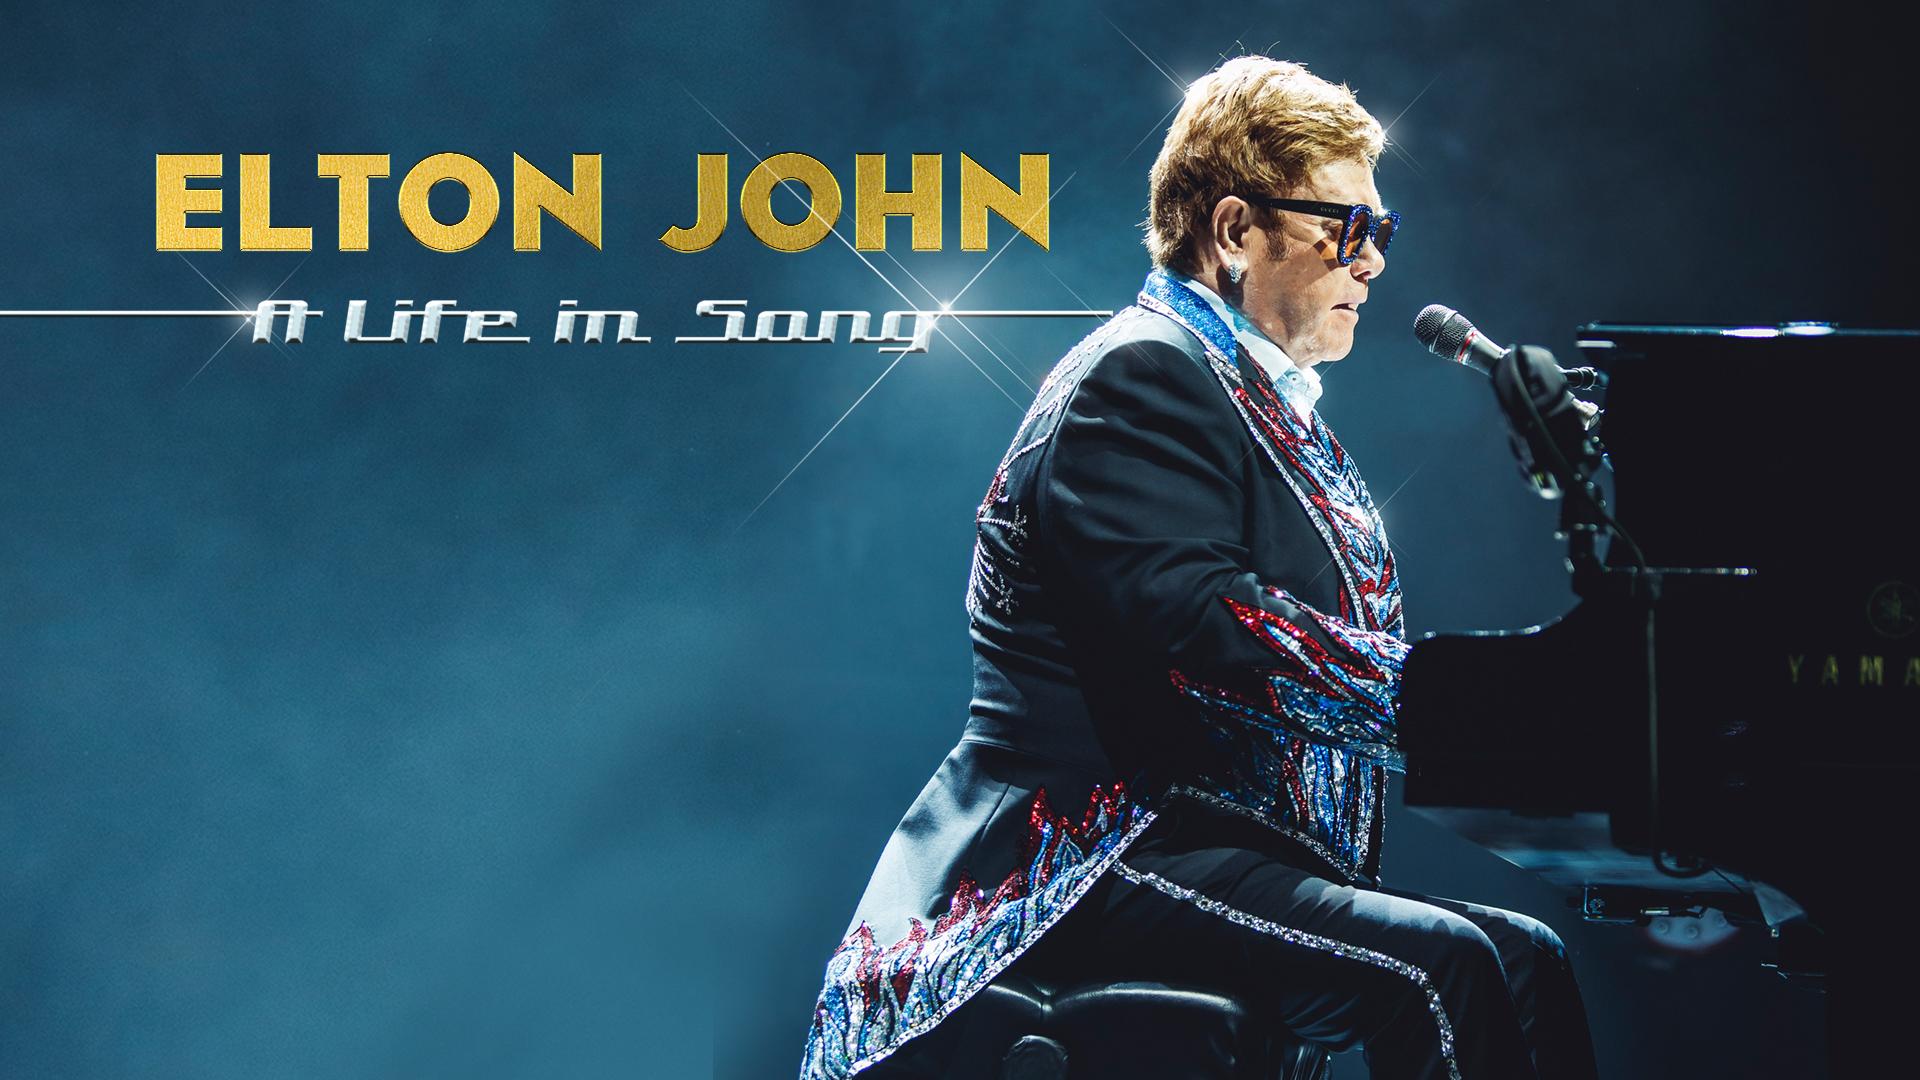 Elton John: A Life in Song